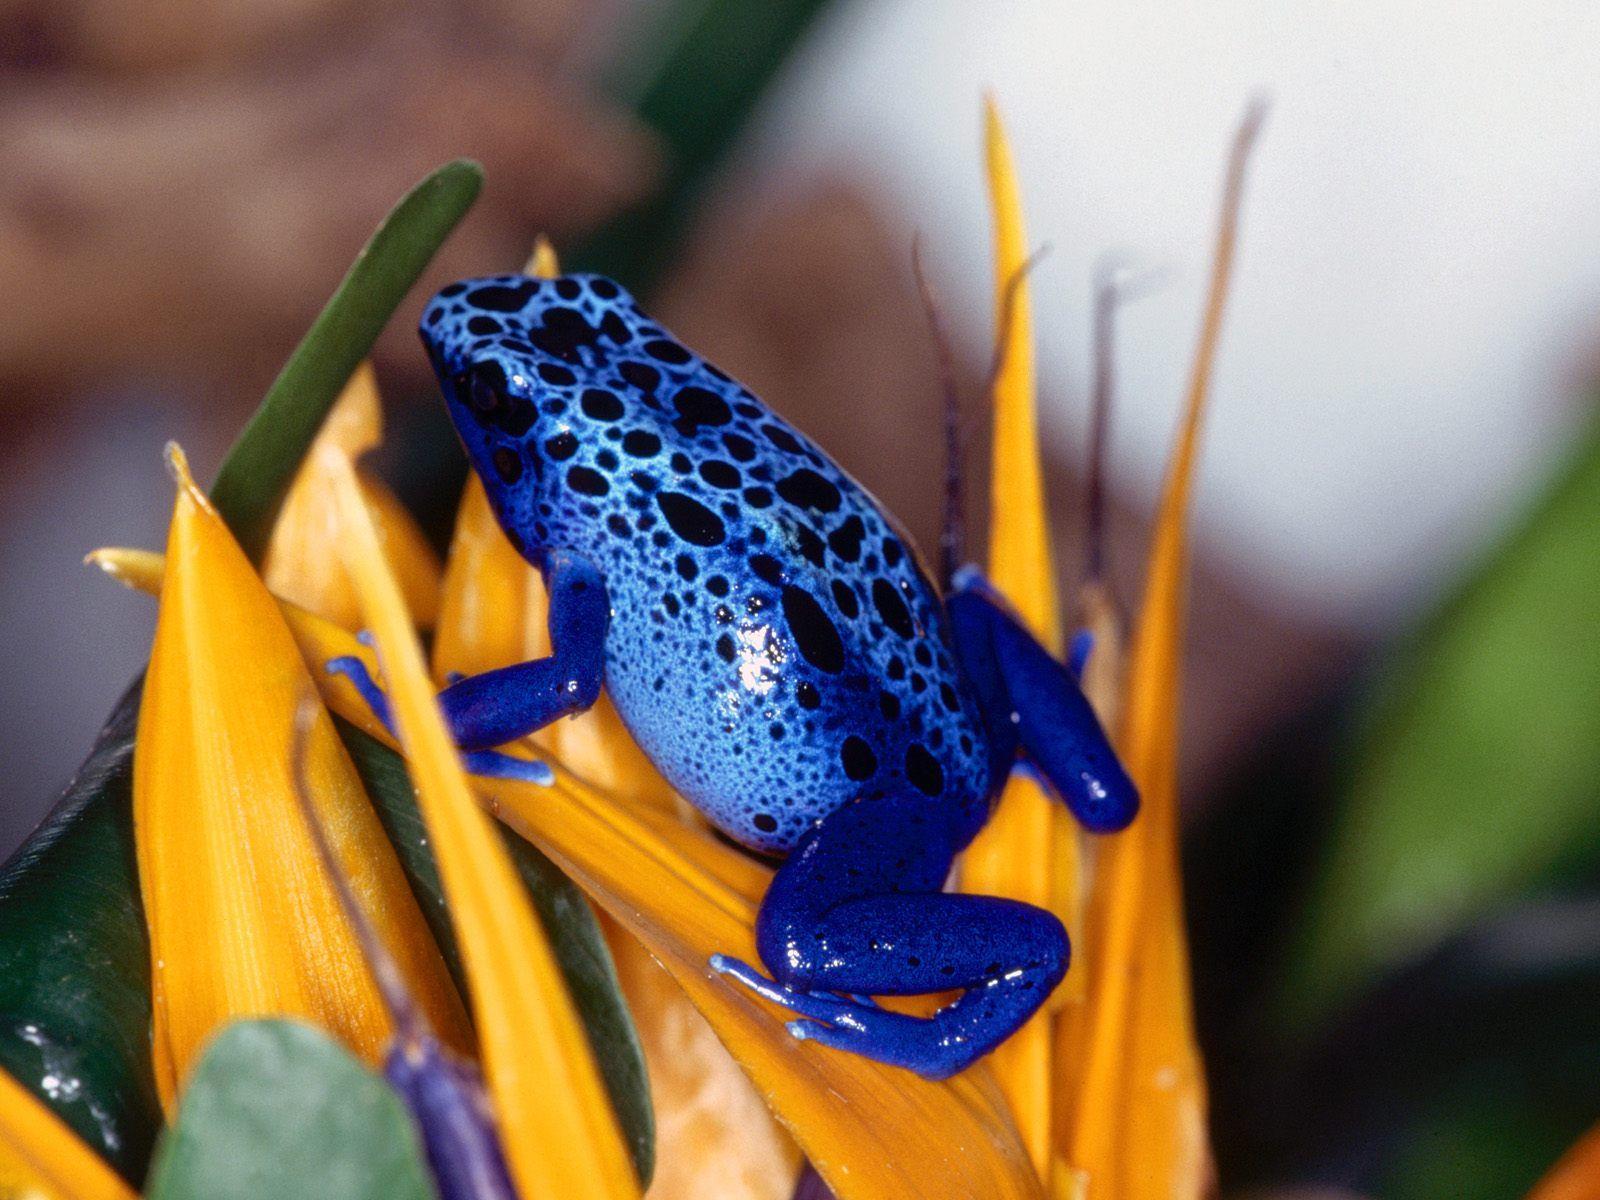 Animal - Poison Dart Frog  Frog Blue Poison Dart Frog Wallpaper